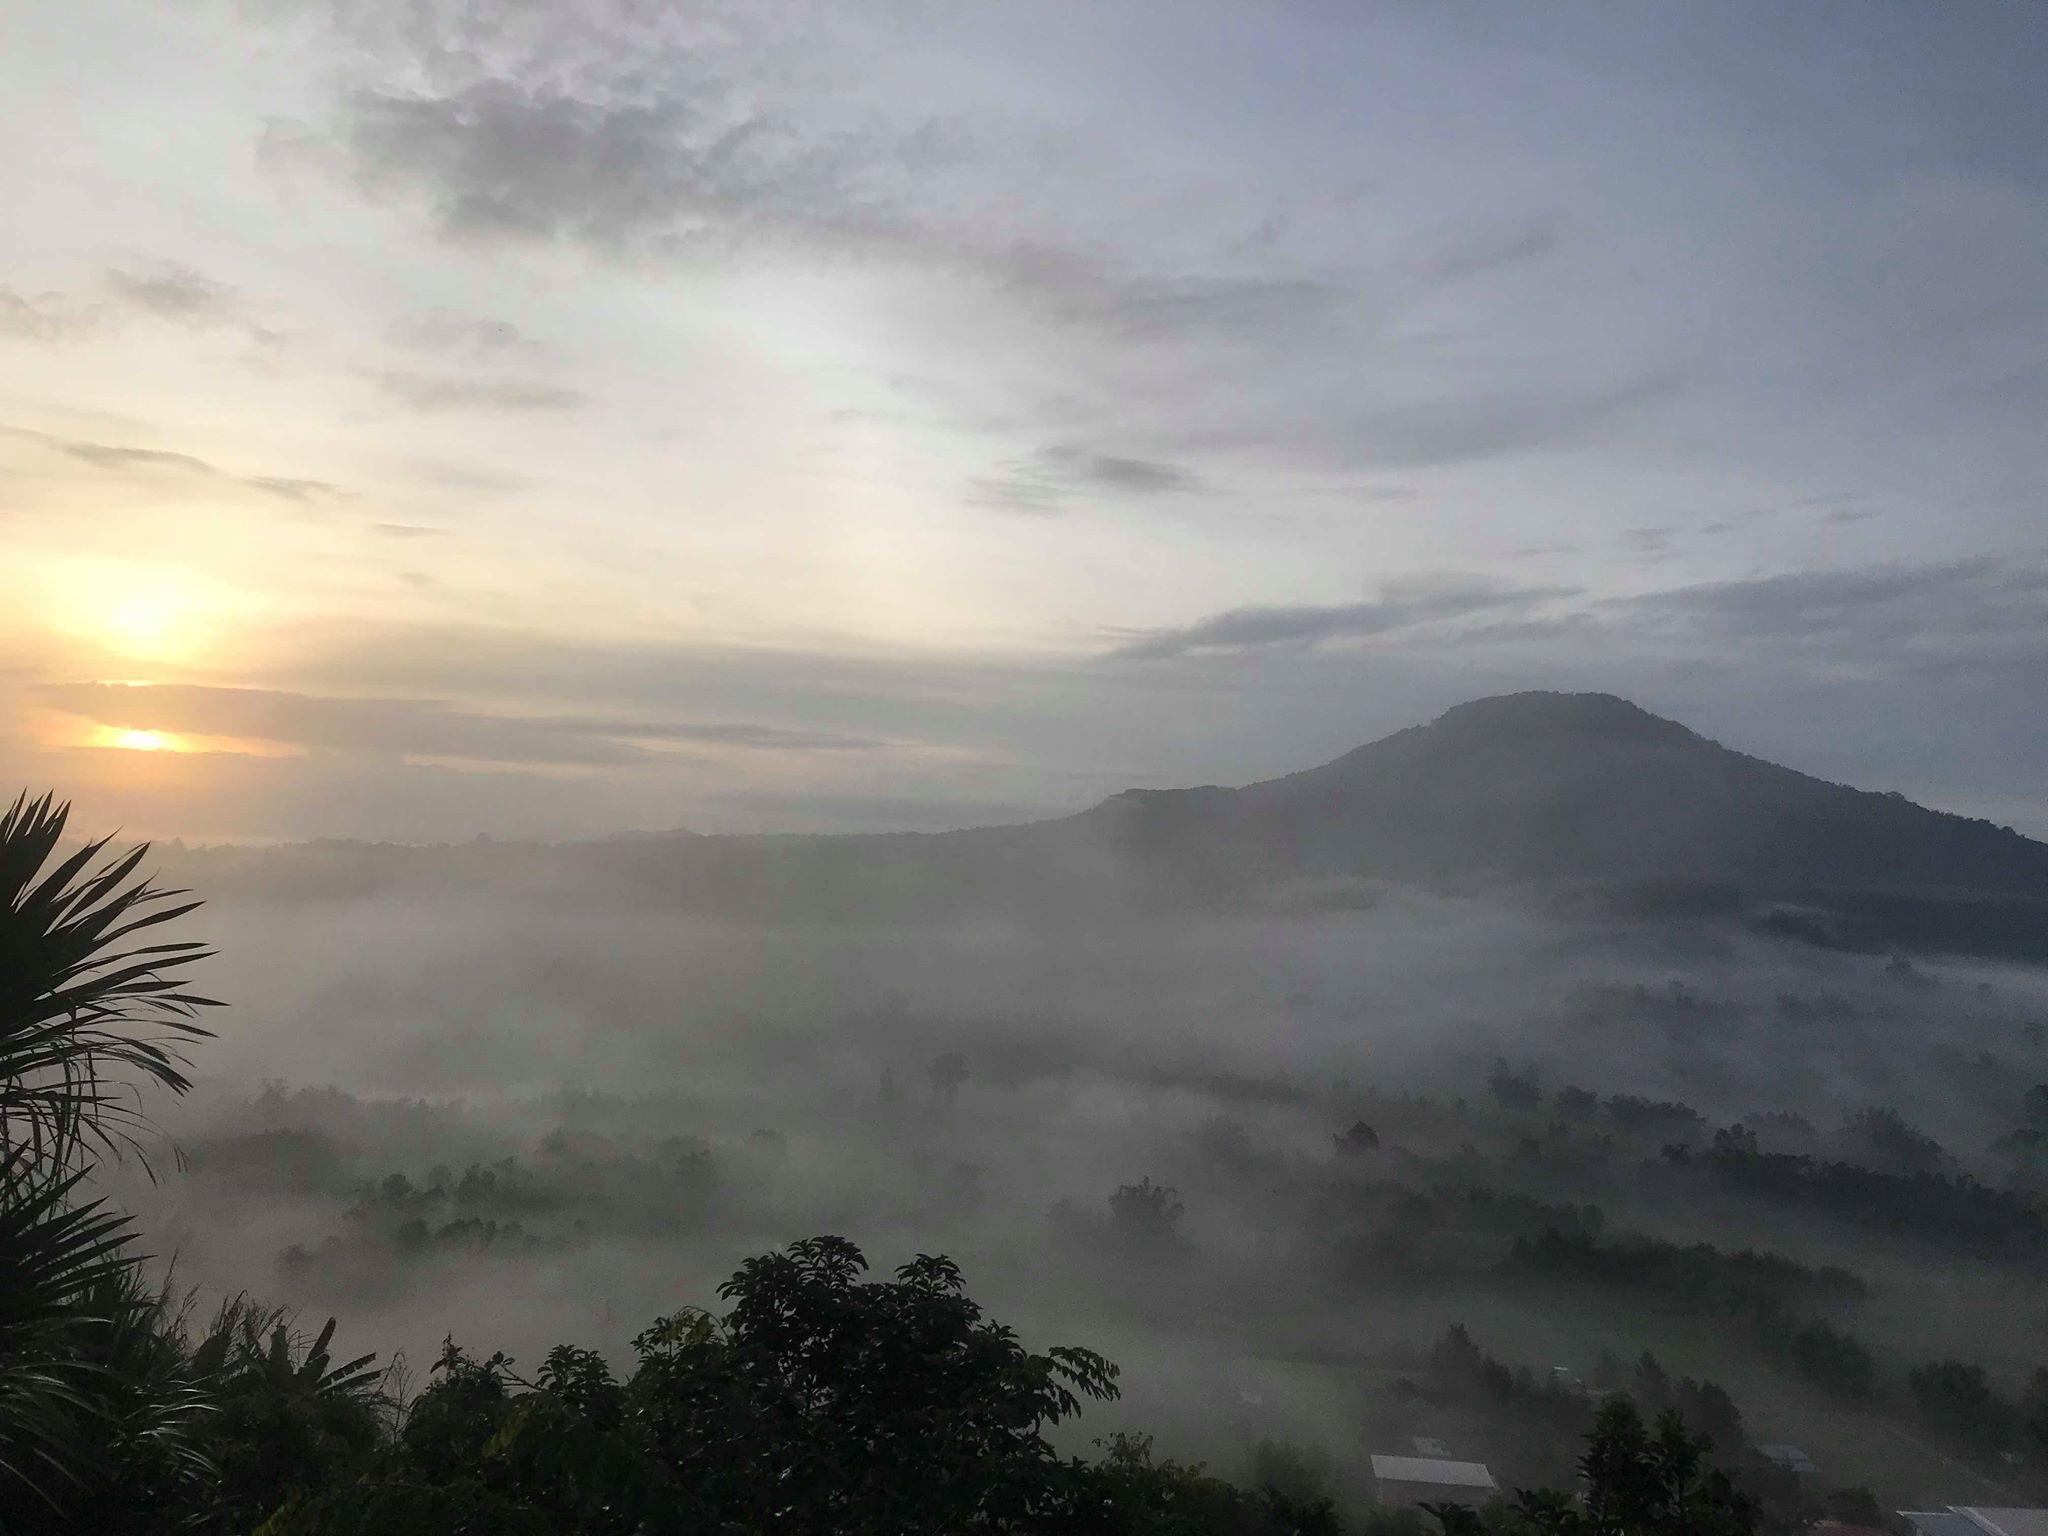 กรมอุตุฯ เตือนไทยตอนบน อุณหภูมิลดลง 2-4 องศา กทม.อากาศเย็น อุณหภูมิต่ำสุด 22 องศา